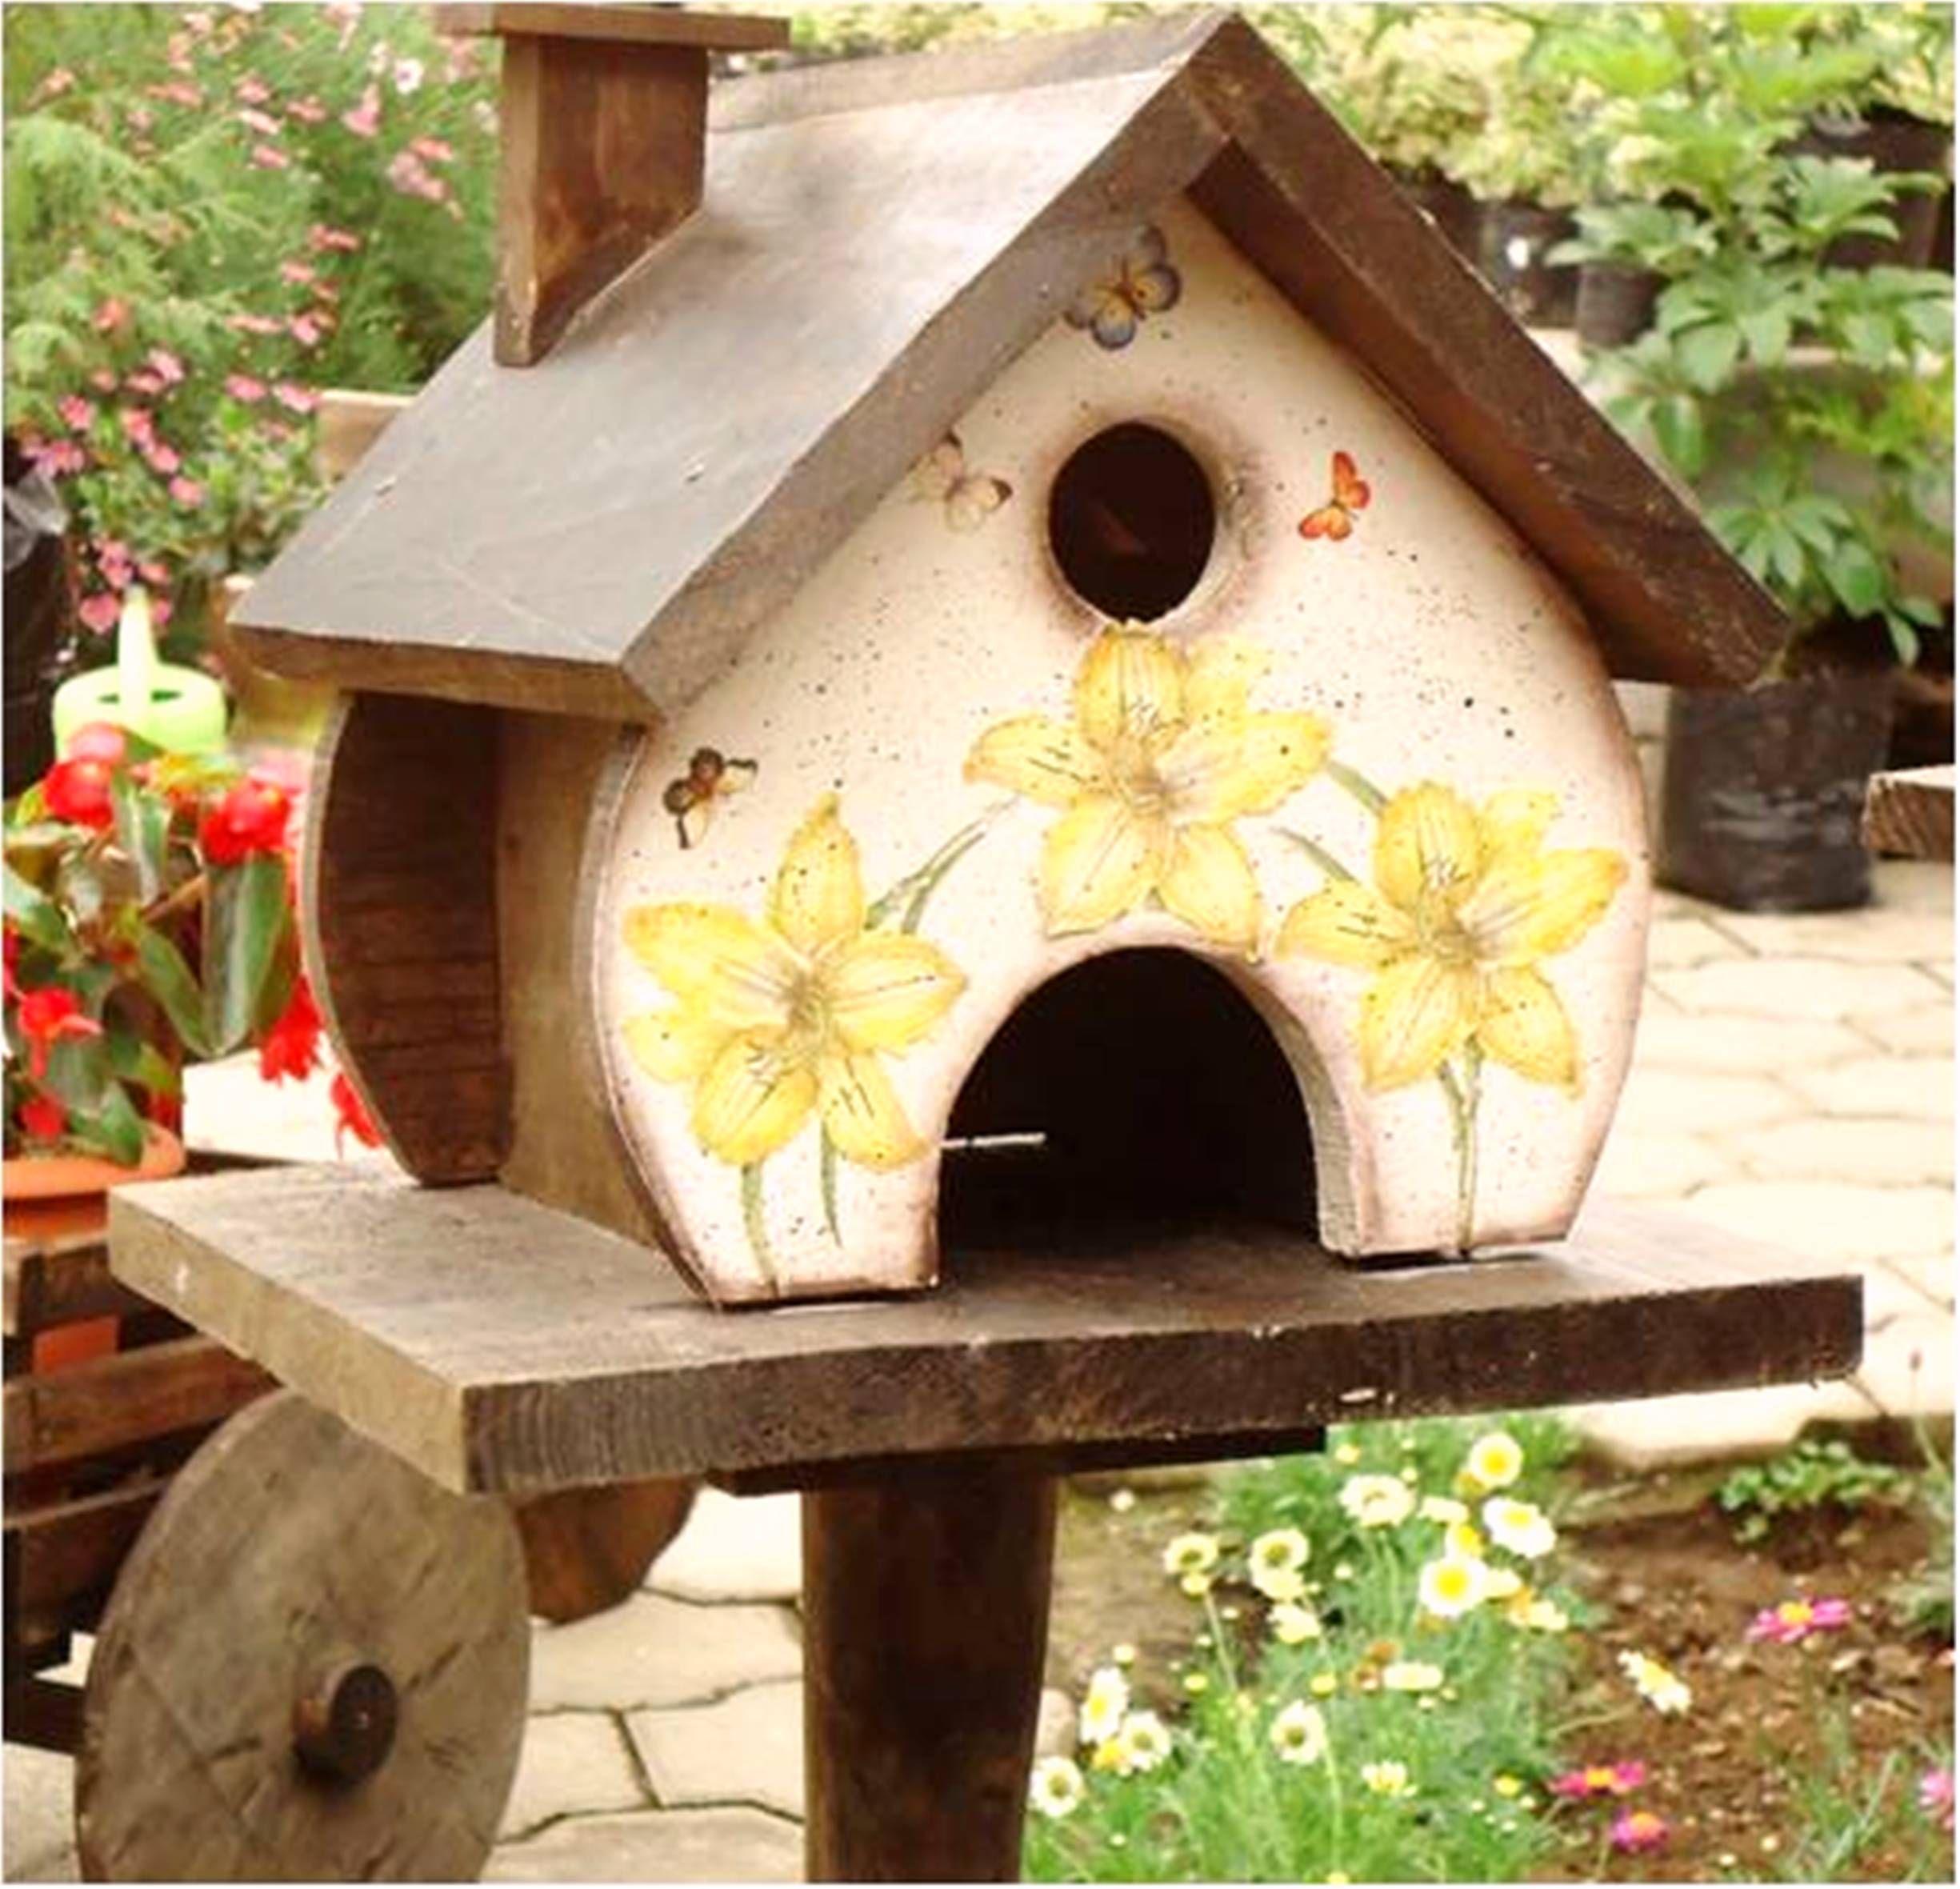 Las pajareras de madera son una forma delicada de decorar for Jardin al aire libre de madera deco